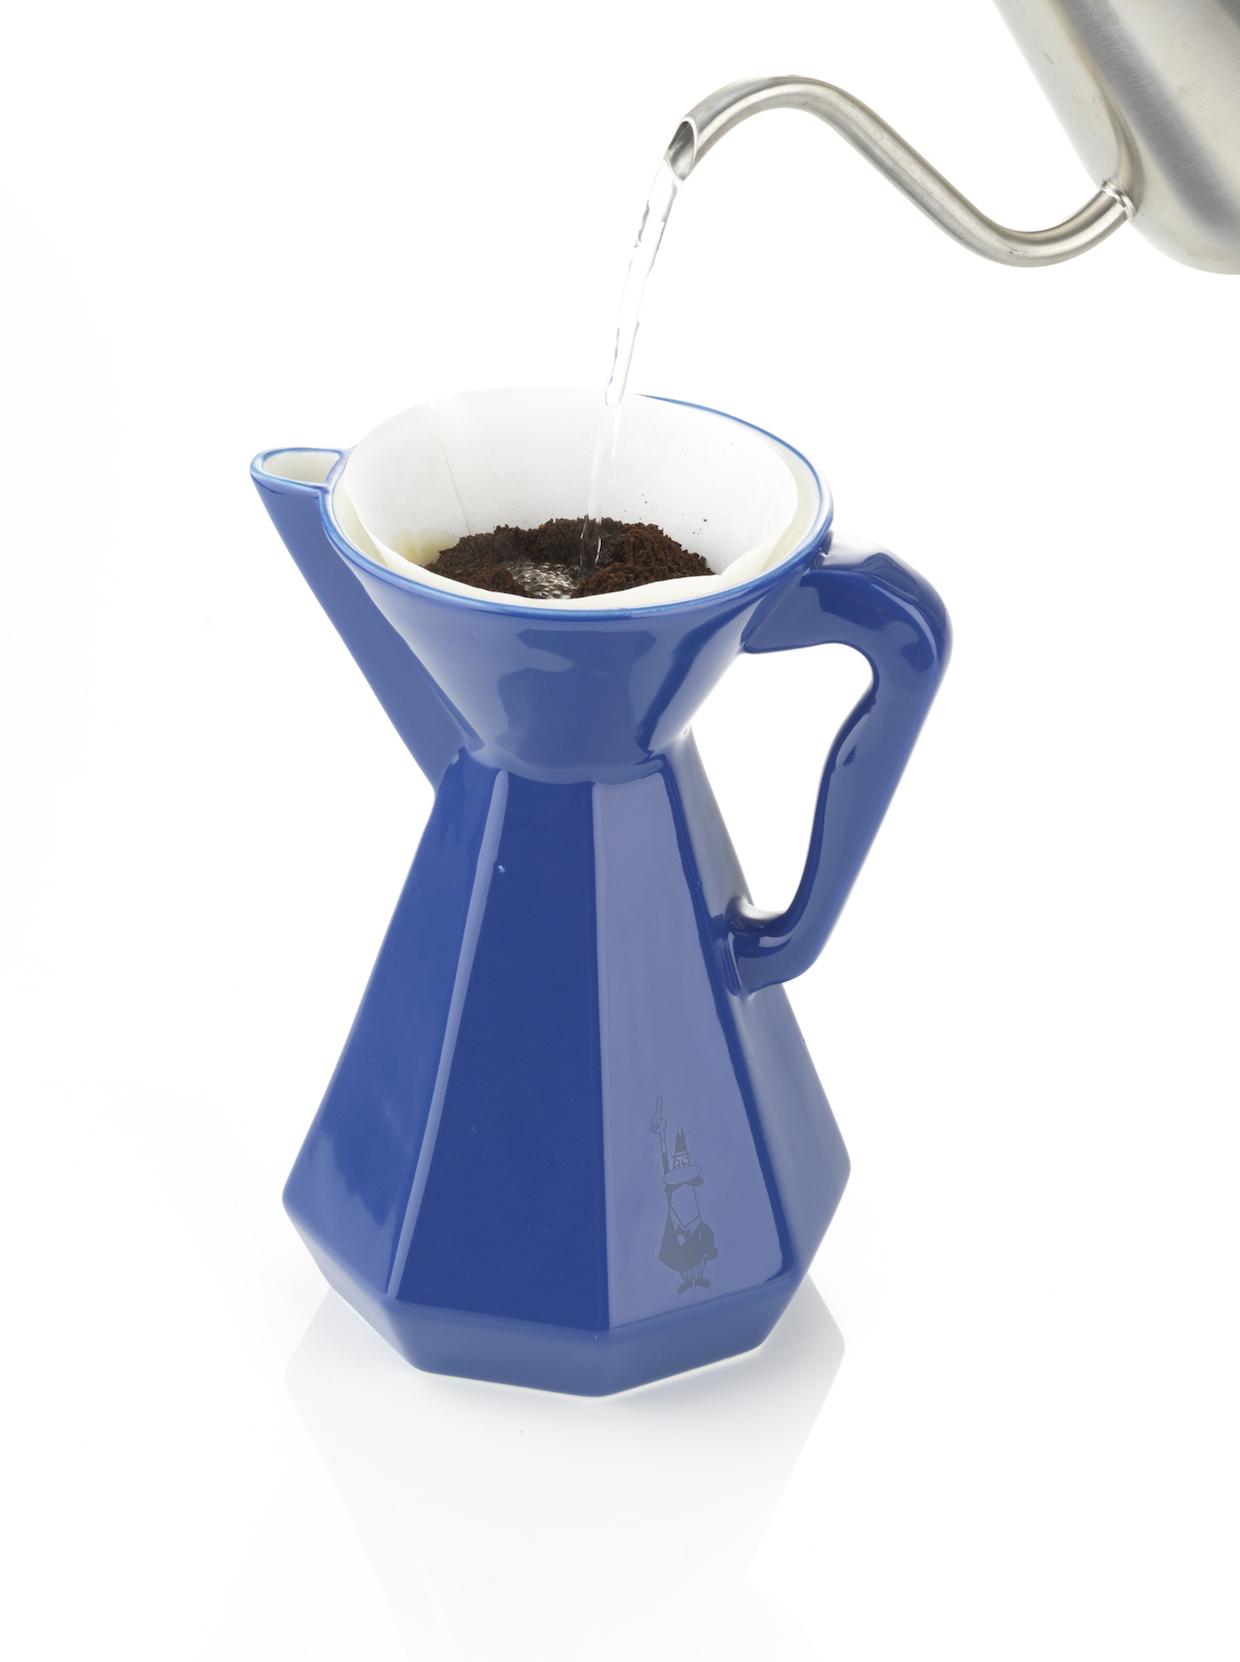 Bialetti 6 Cup Ceramic Pourover